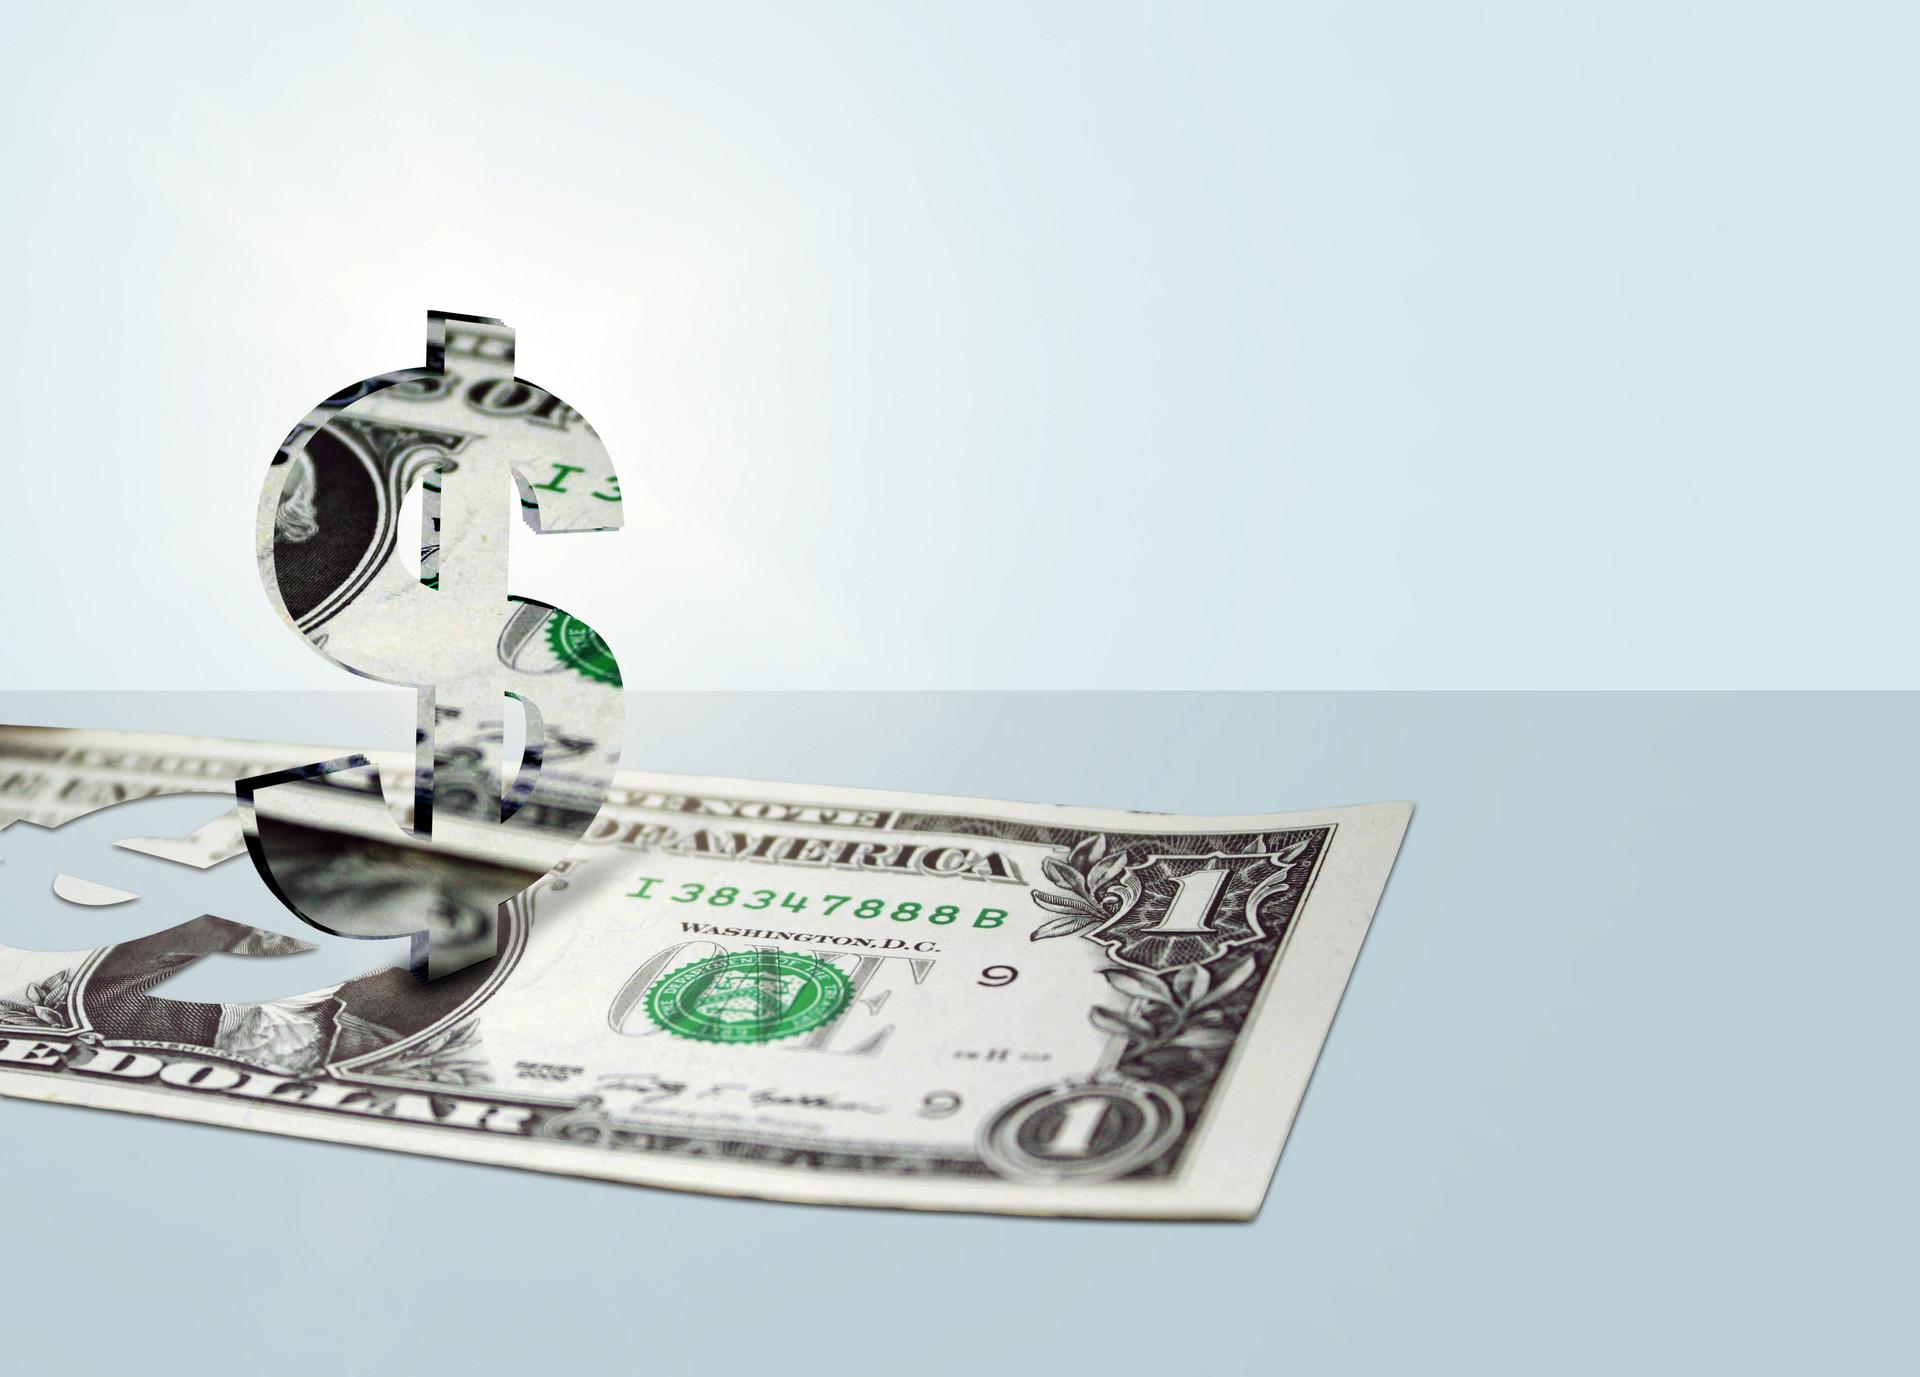 代发薪资合法吗?只要是和正规经营的代发企业合作就合法